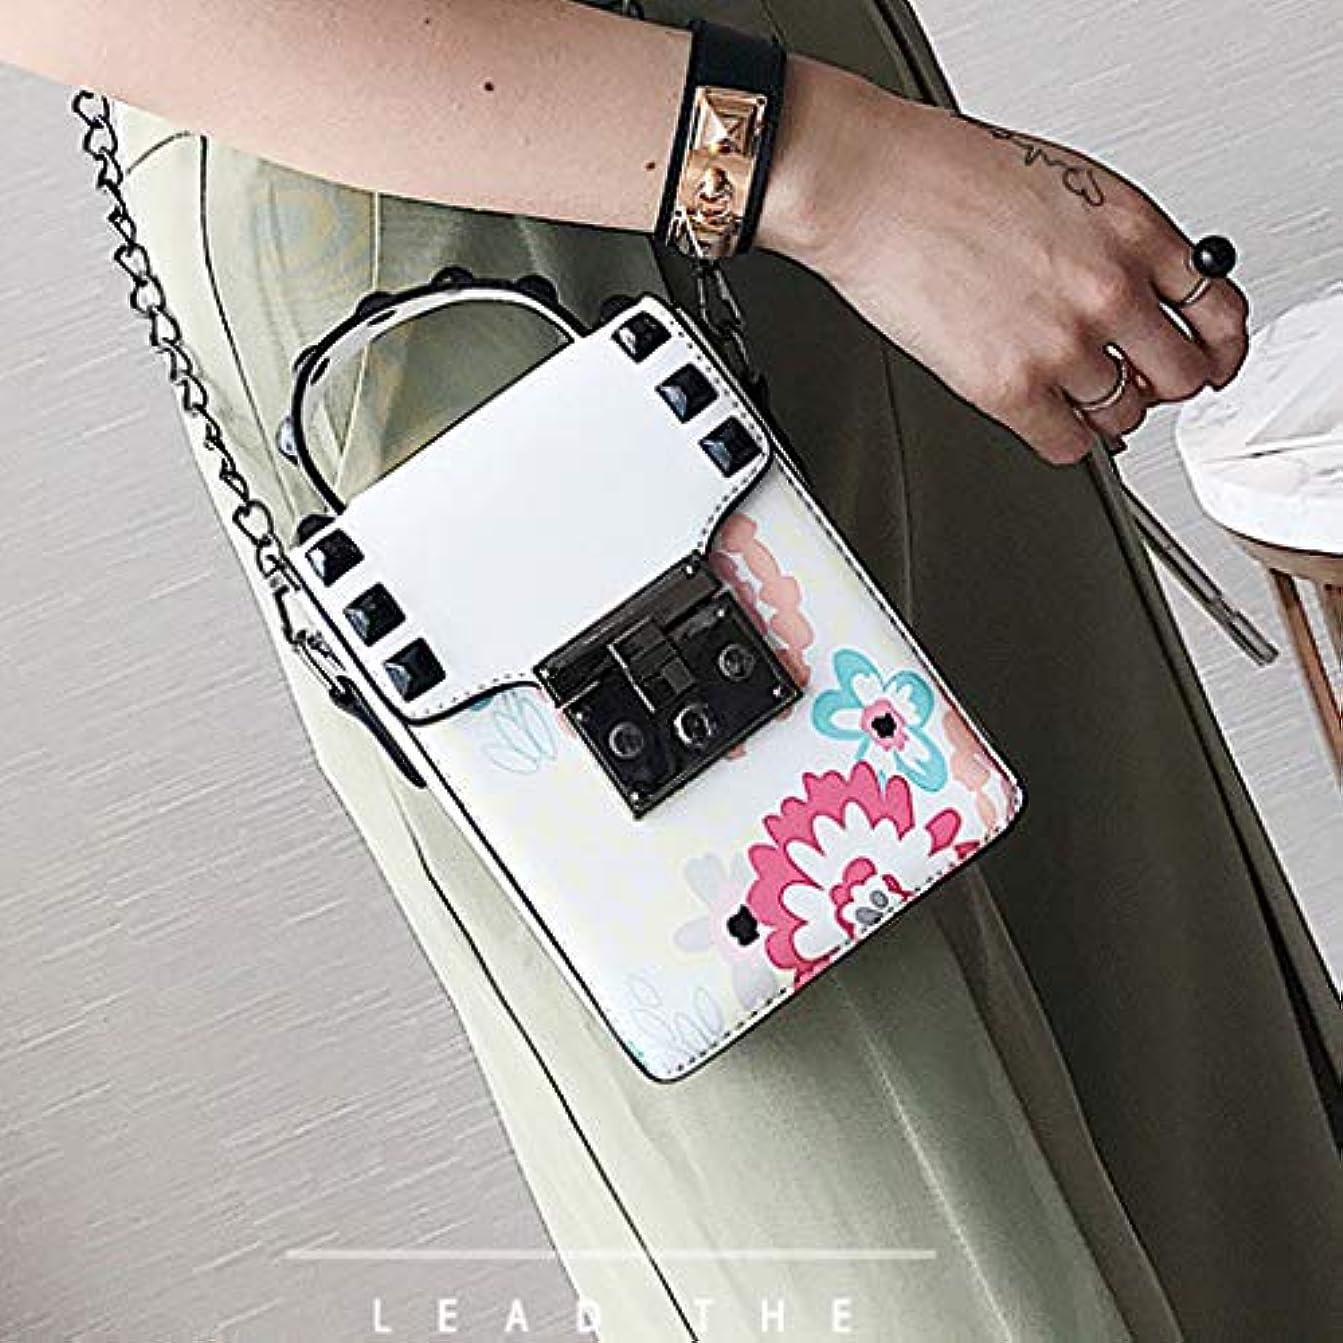 マイクロ磁器レーザ女性印刷リベットチェーンショルダーバッグレディースキャンパススタイルクロスボディバッグ、ファッショントレンド新しいクロスボディバッグ、チェーンレディース小さなバッグ、プリントパターントレンド小さな財布 (白)